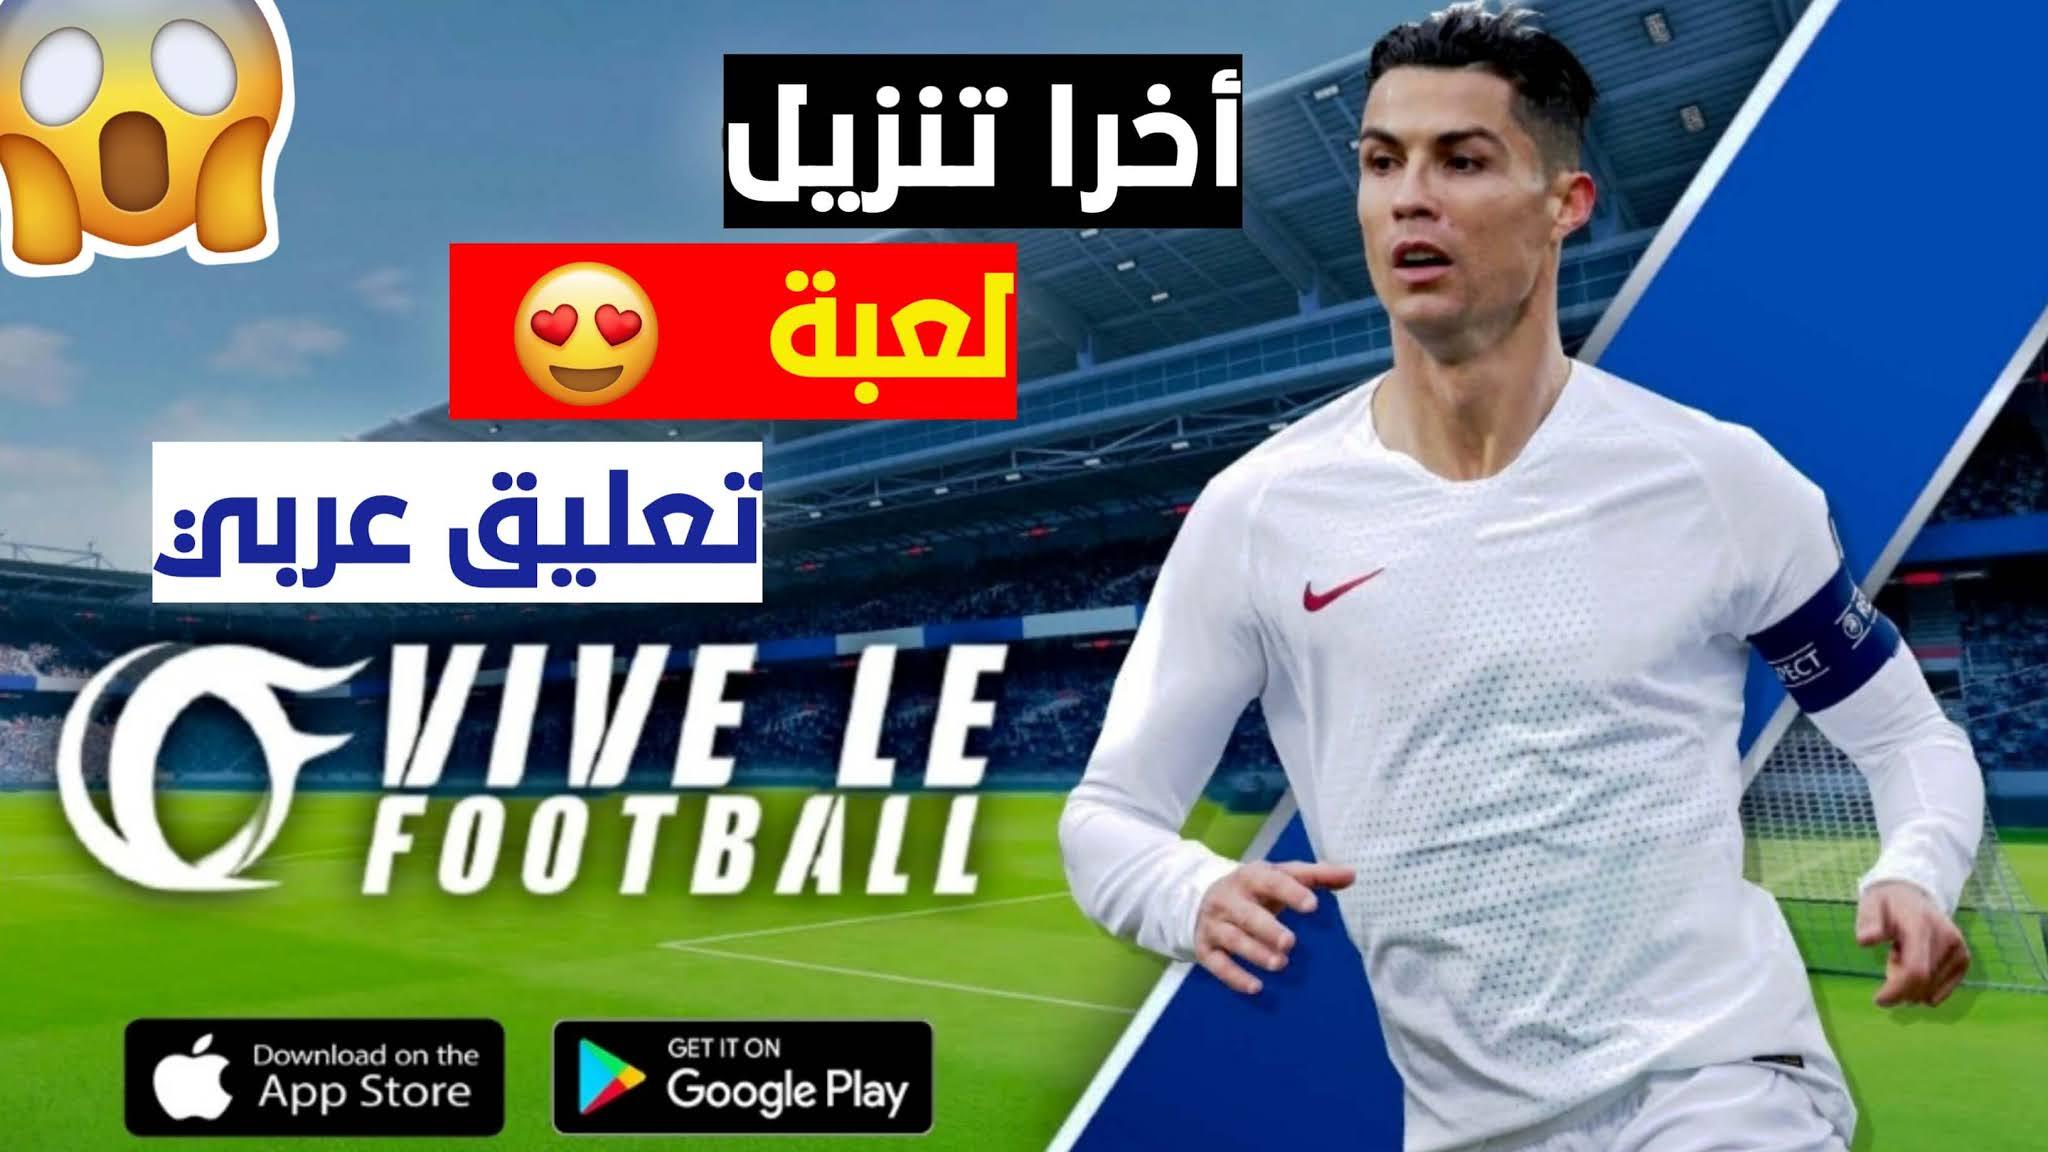 تحميل لعبة vive le football للاندرويد و الايفون مهكرة